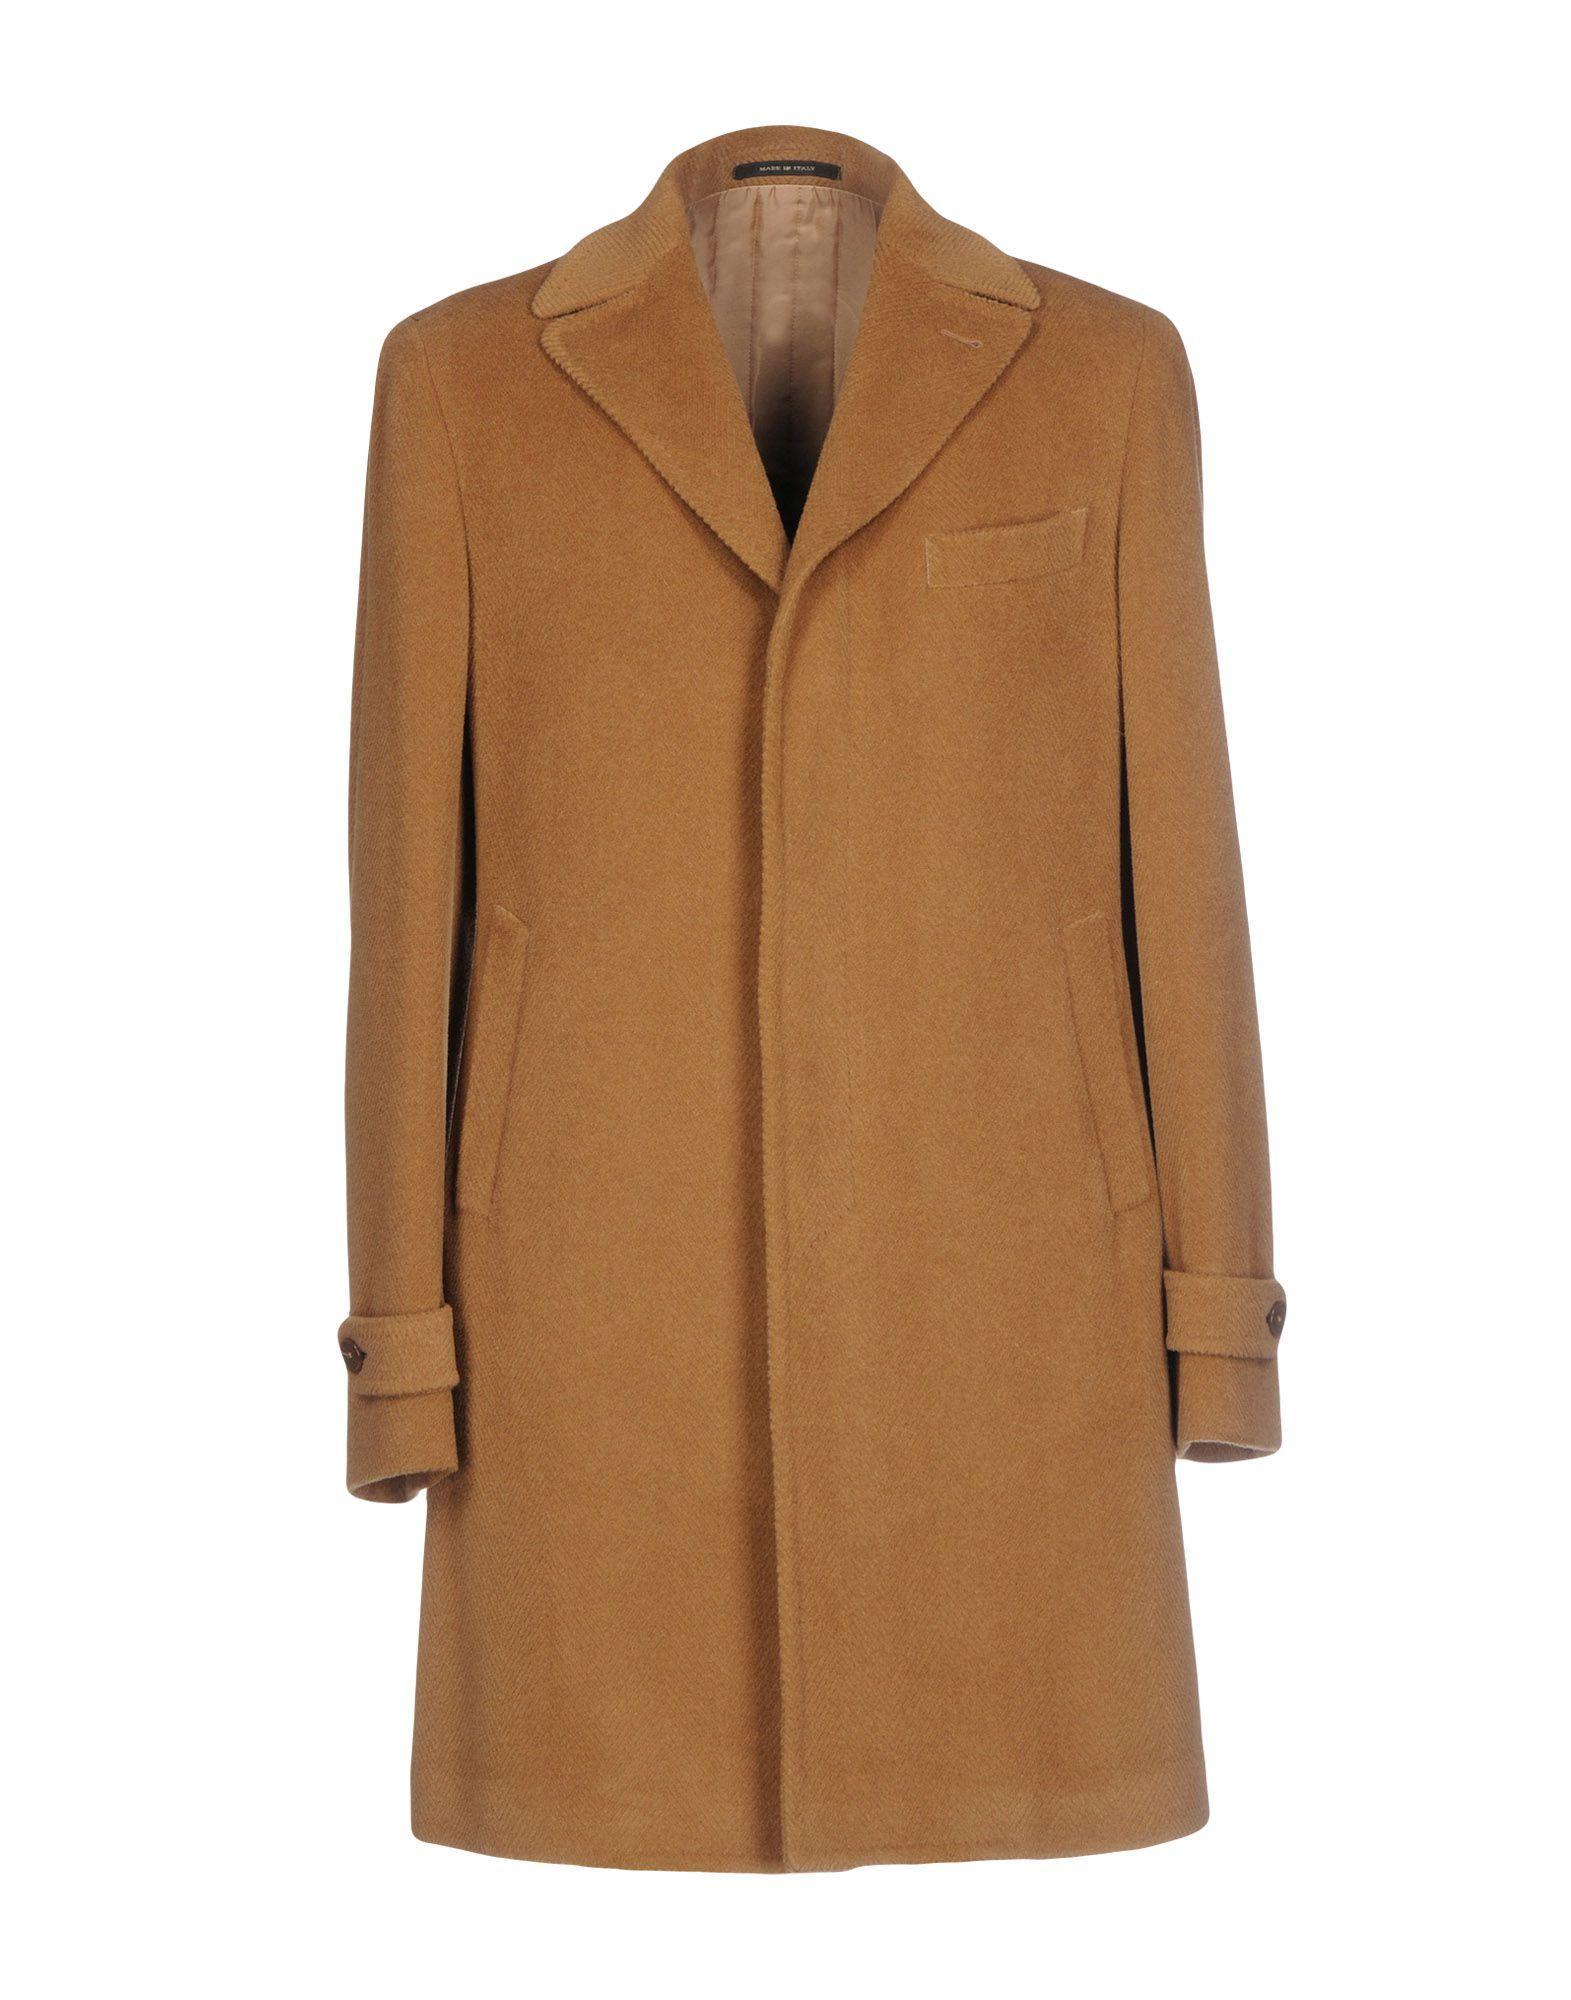 Tagliatore Coats In Camel